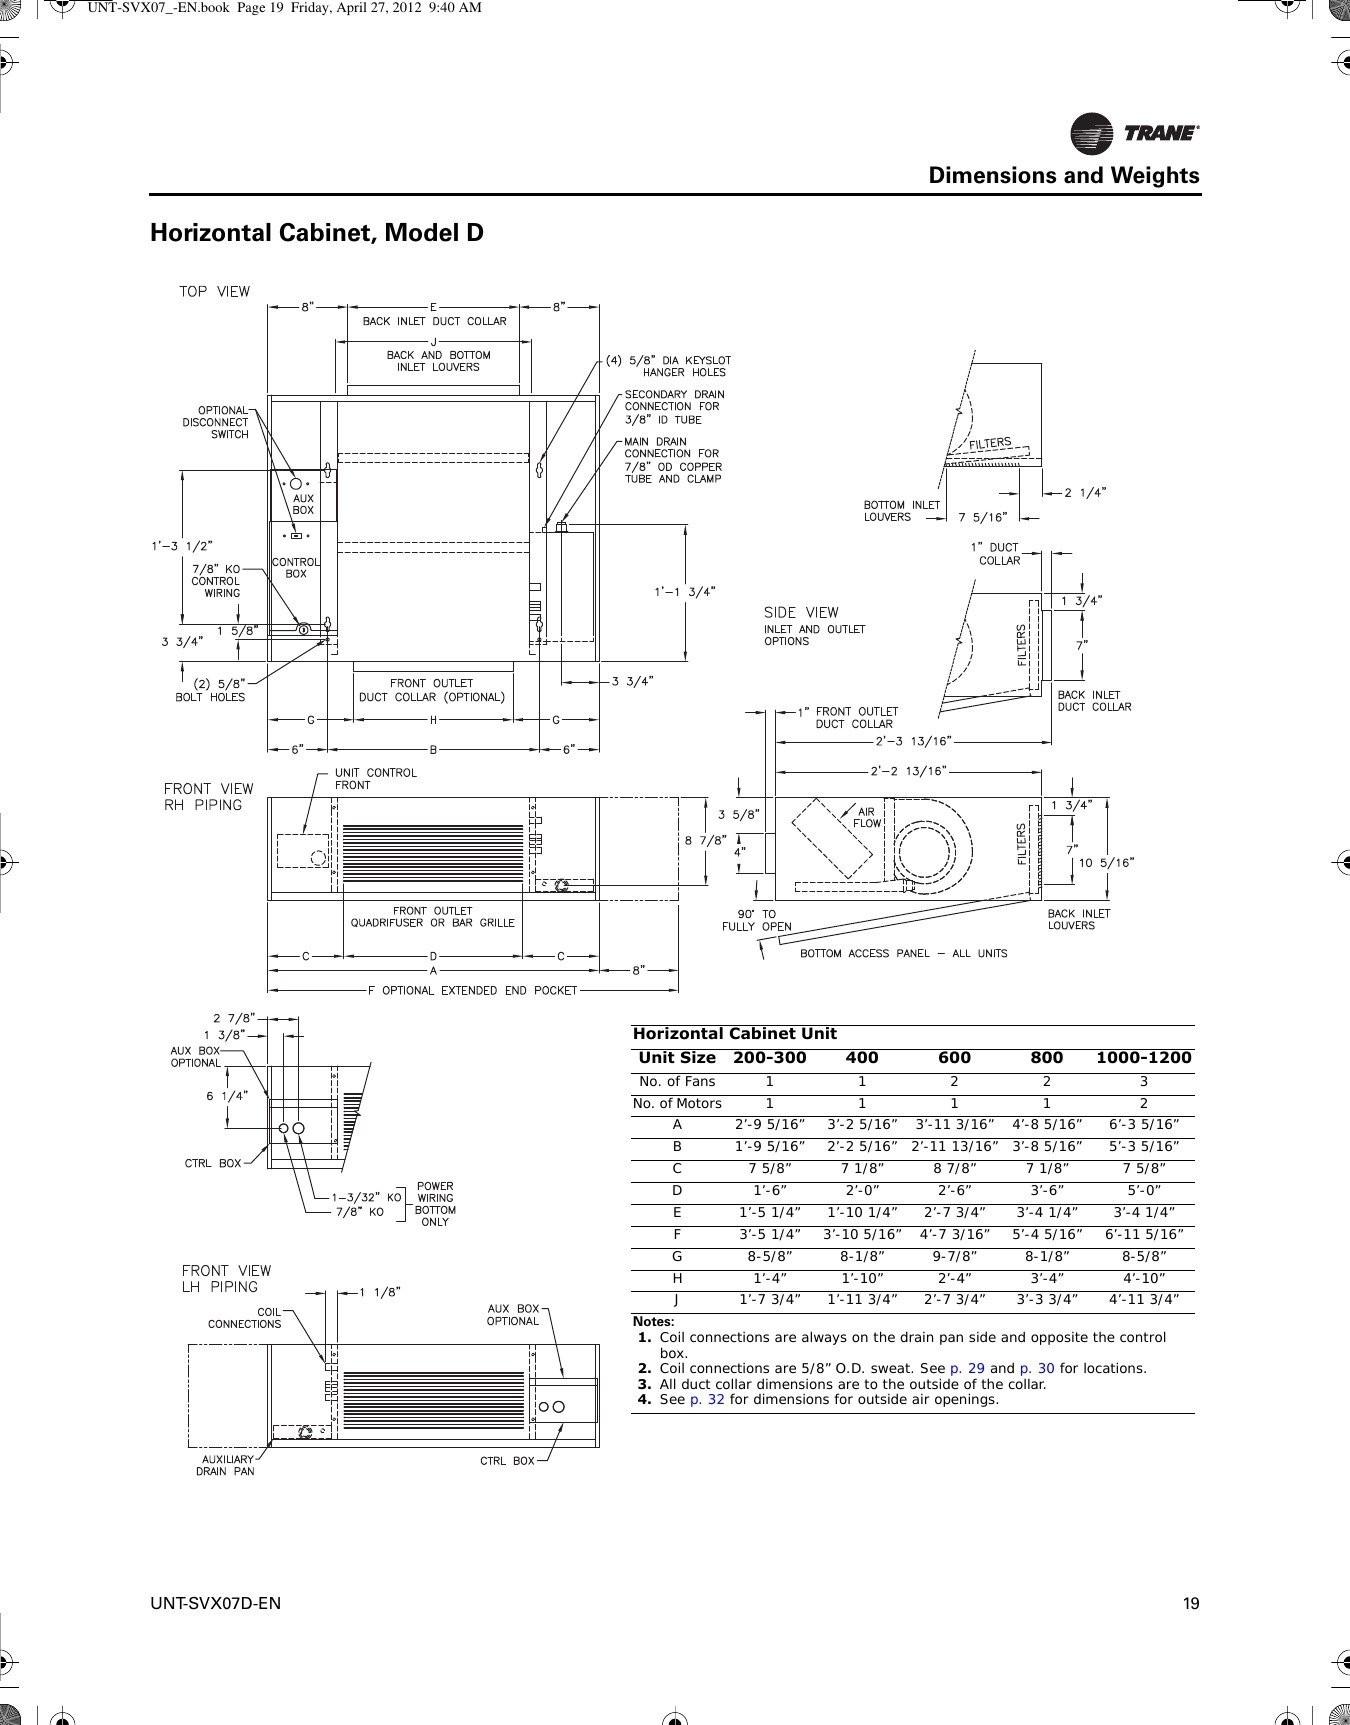 hvac wiring schematic diagram symbols